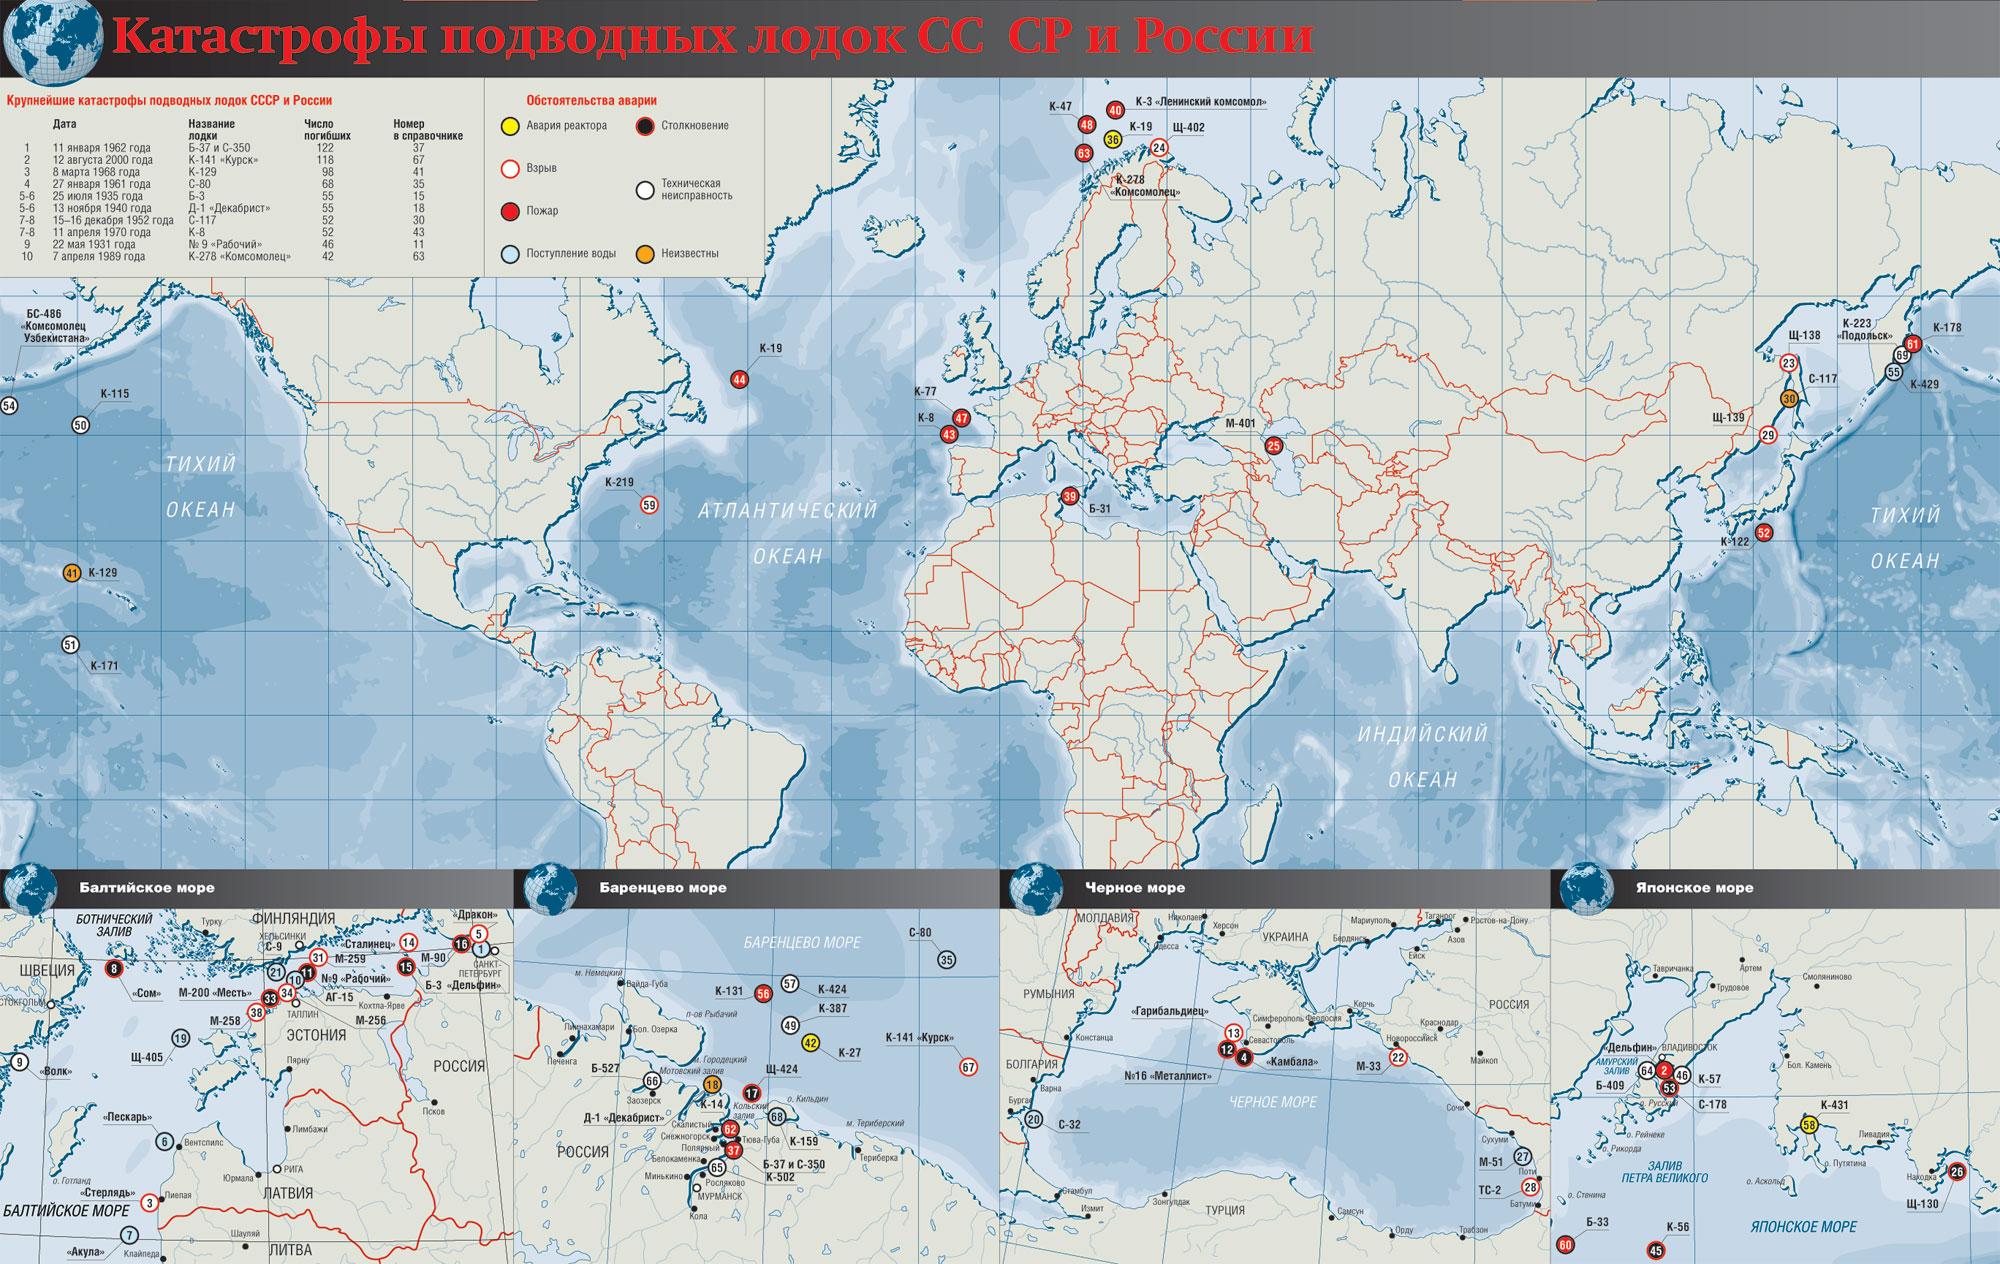 все катастрофы подводных лодок